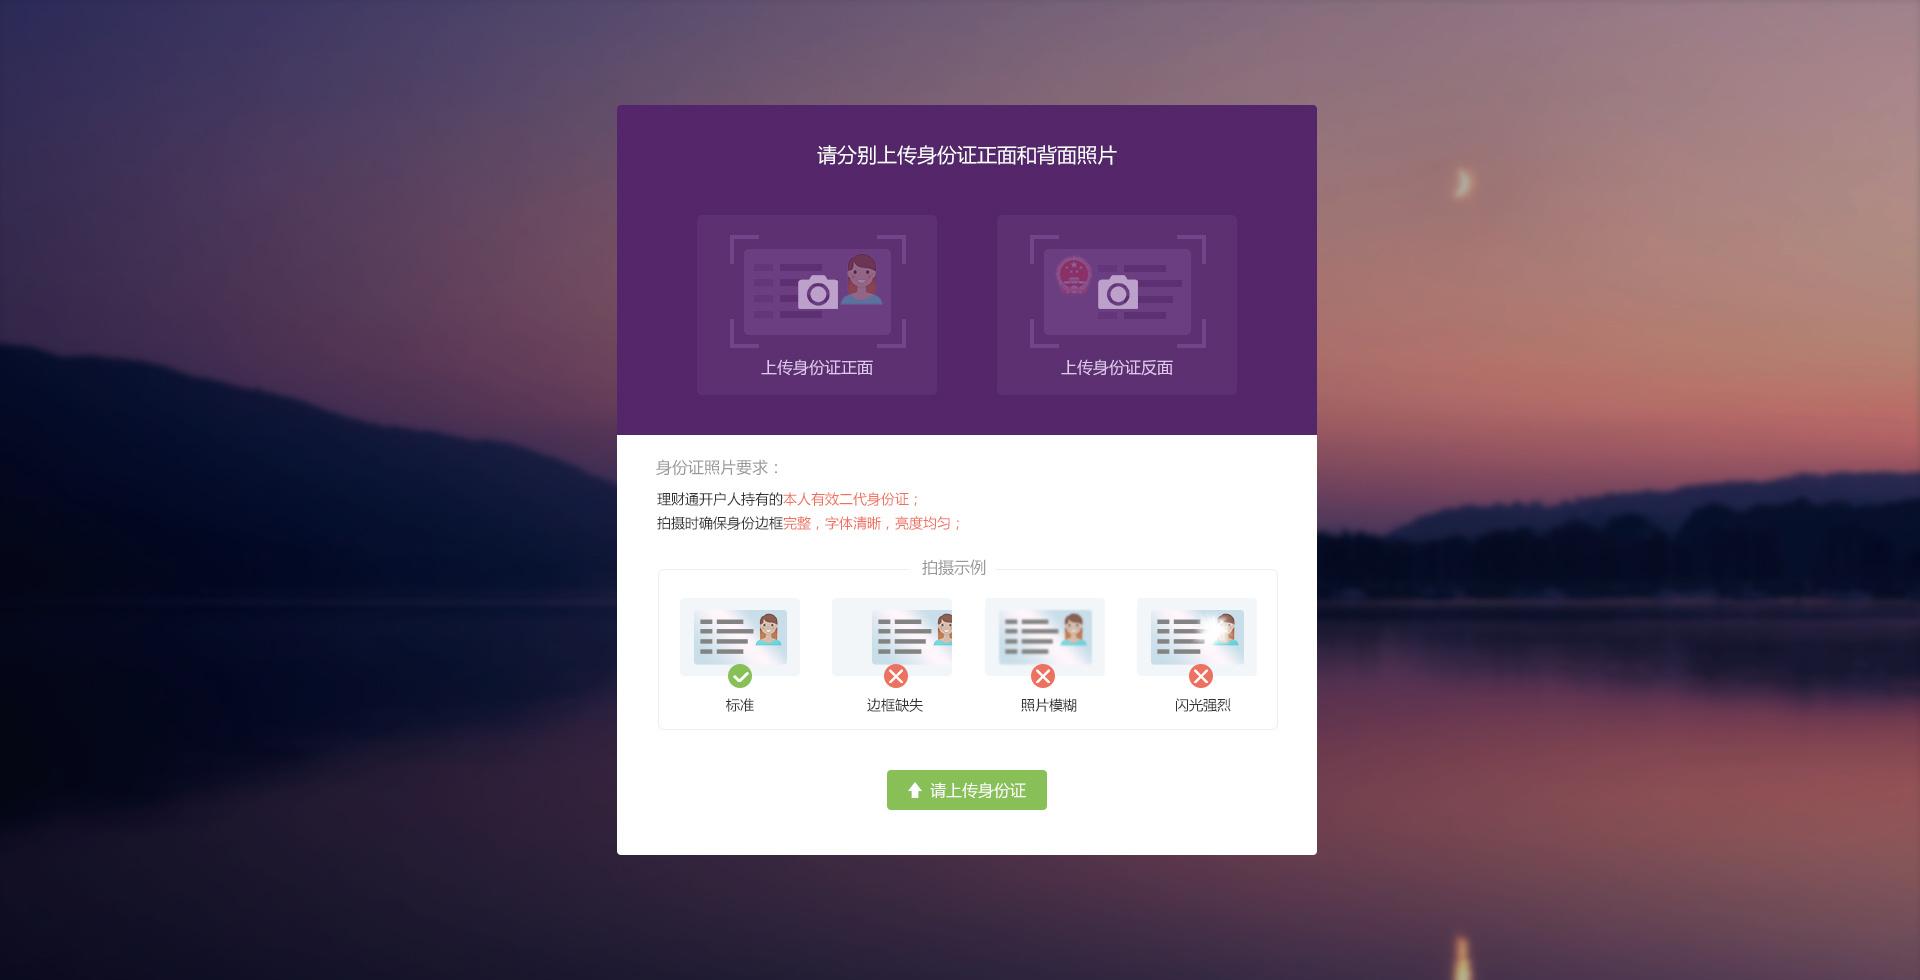 中秋banner|网页|banner/广告图|weixiao_hai - 原创